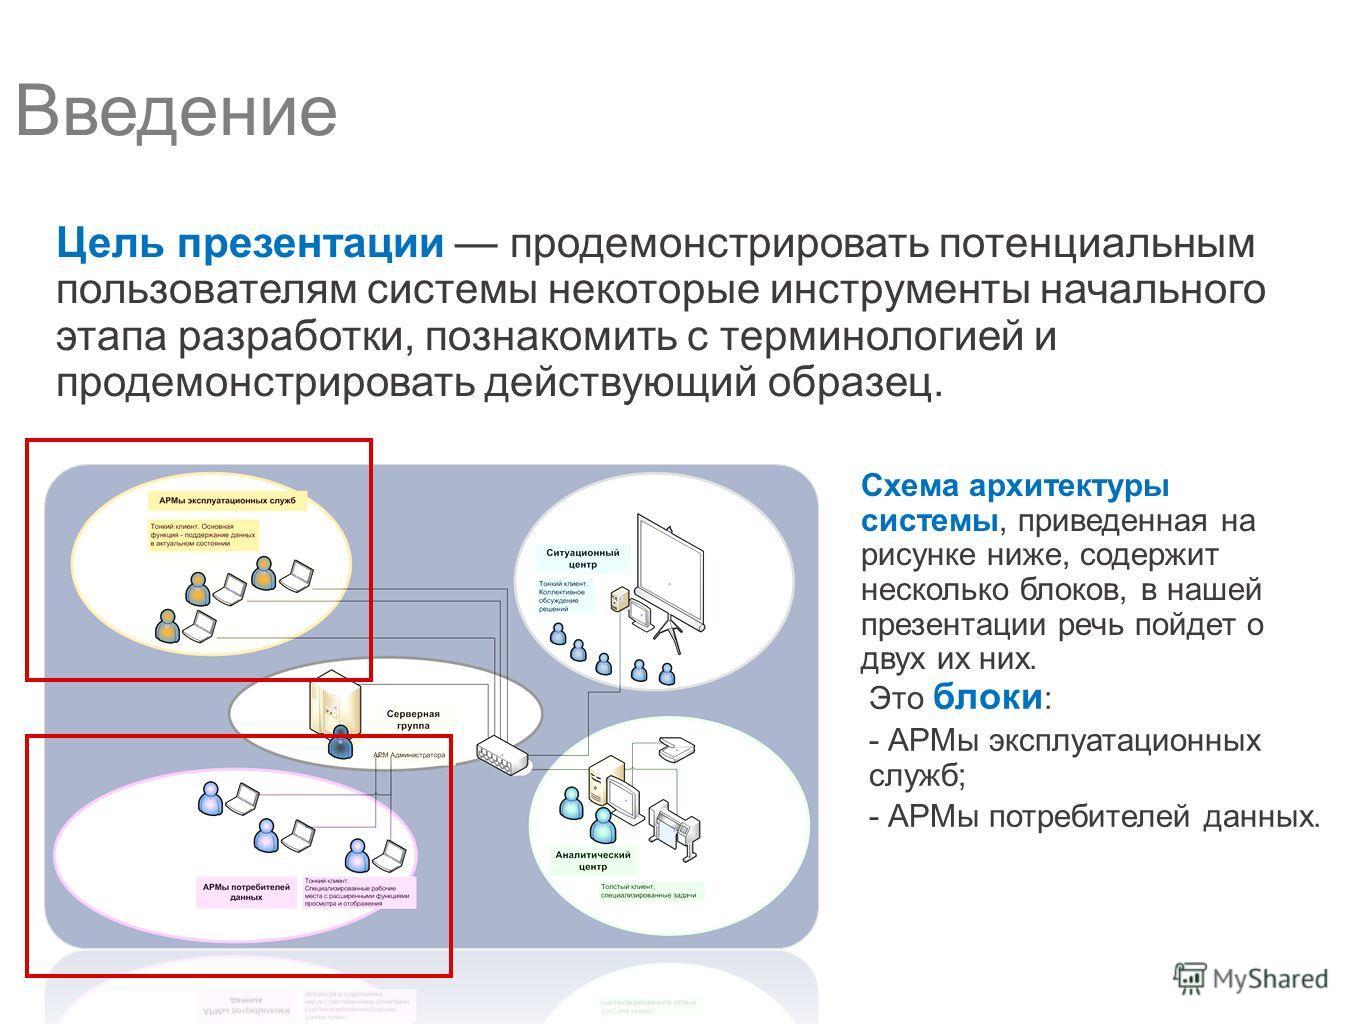 Введение Цель презентации продемонстрировать потенциальным пользователям системы некоторые инструменты начального этапа разработки, познакомить с терминологией и продемонстрировать действующий образец. Схема архитектуры системы, приведенная на рисунк